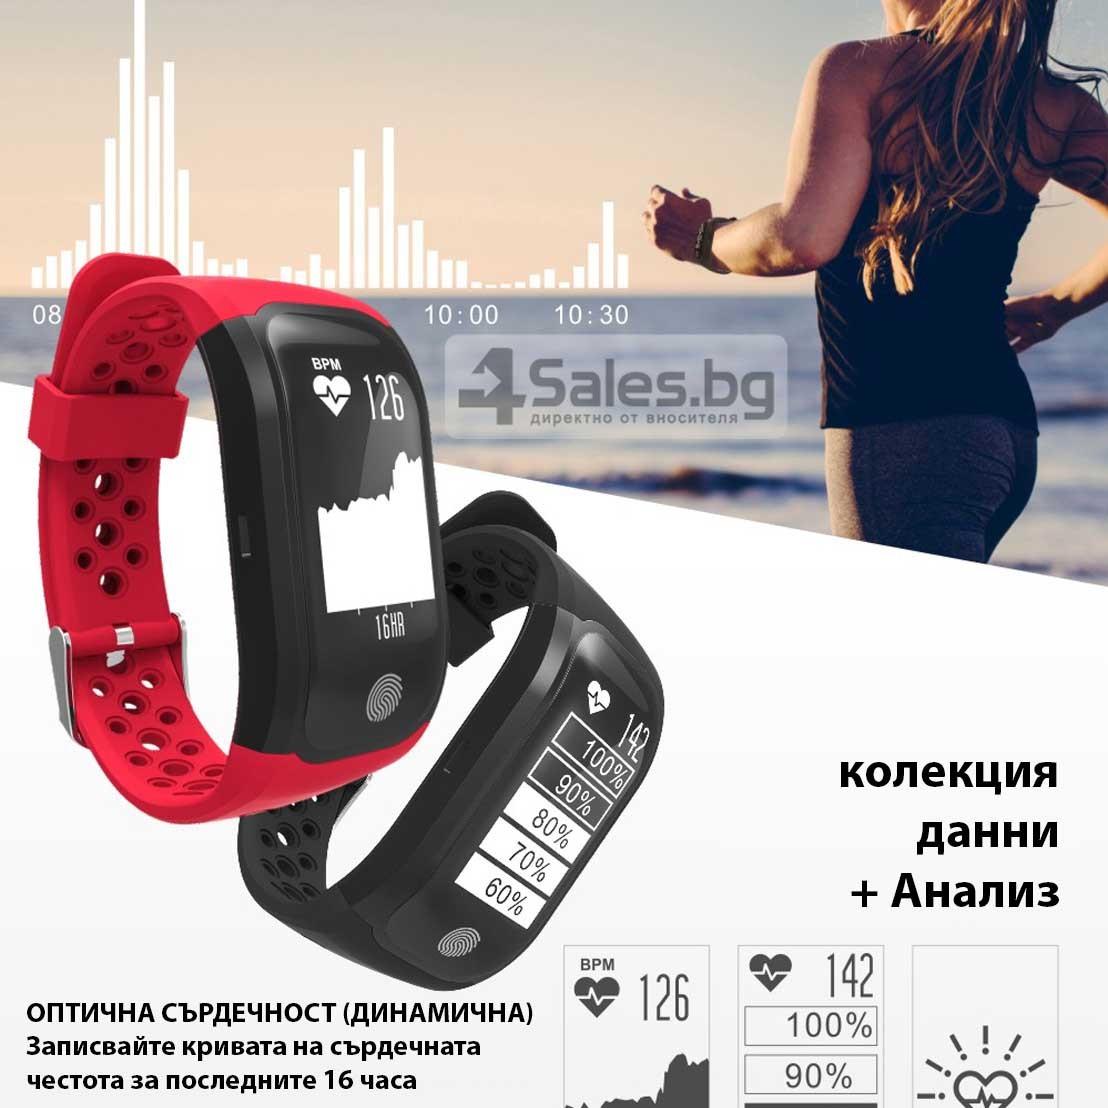 Водоустойчива смарт гривна S908 с крачкомер GPS измерване на сърдечен ритъм SMW18 16